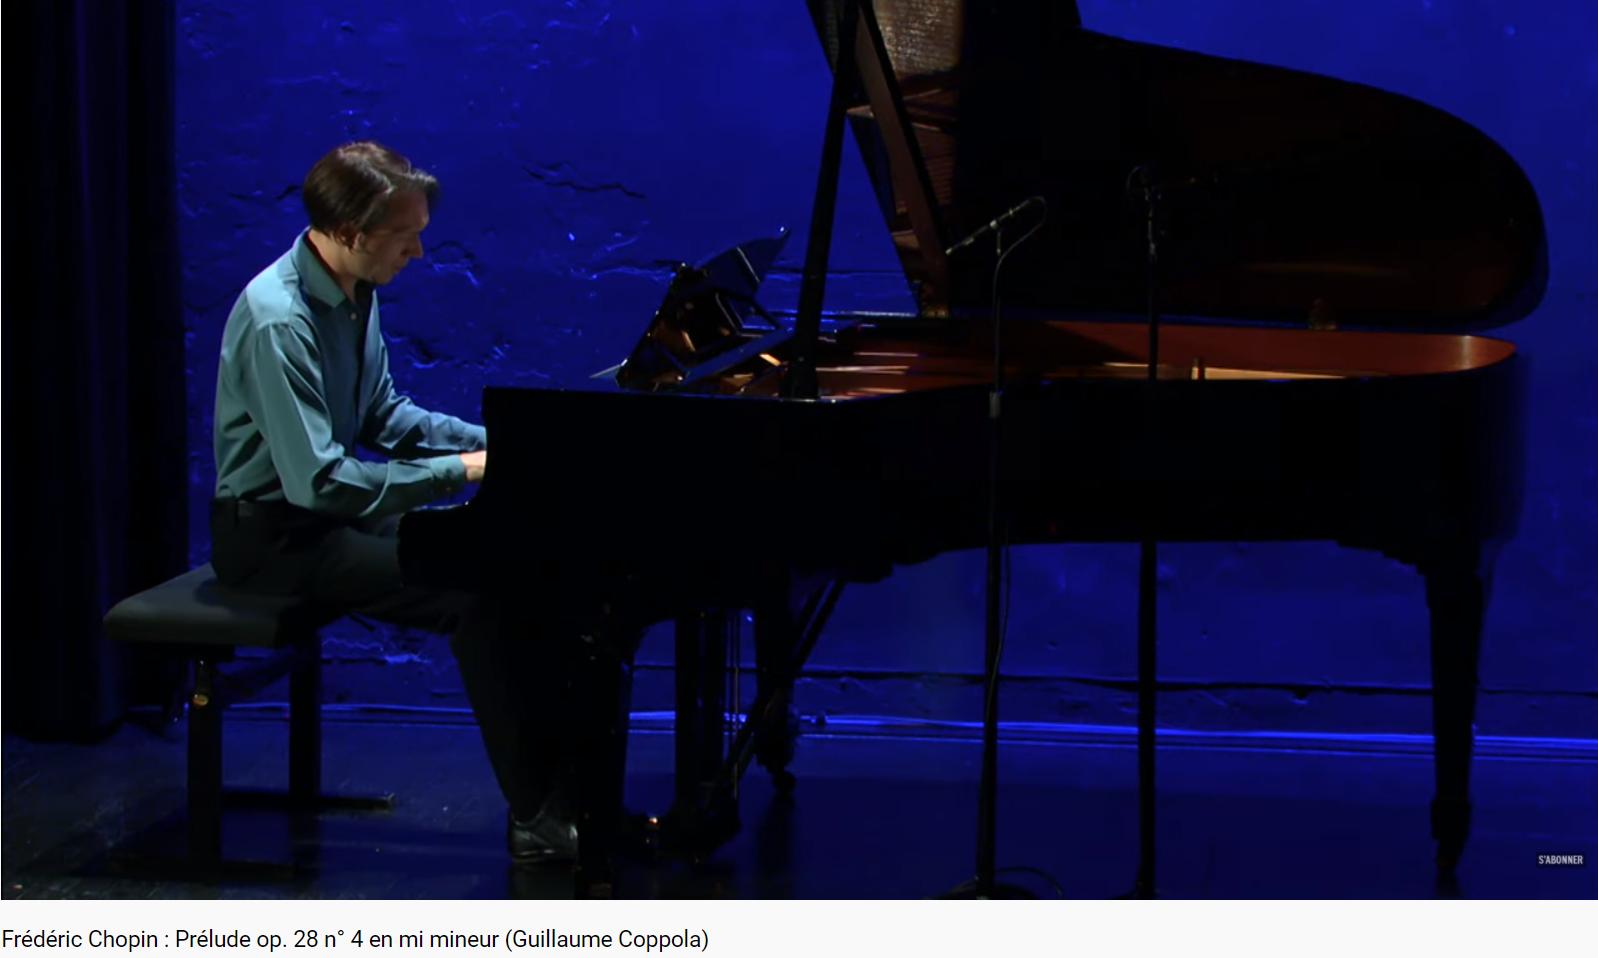 Chopin Prélude op 28 no 4